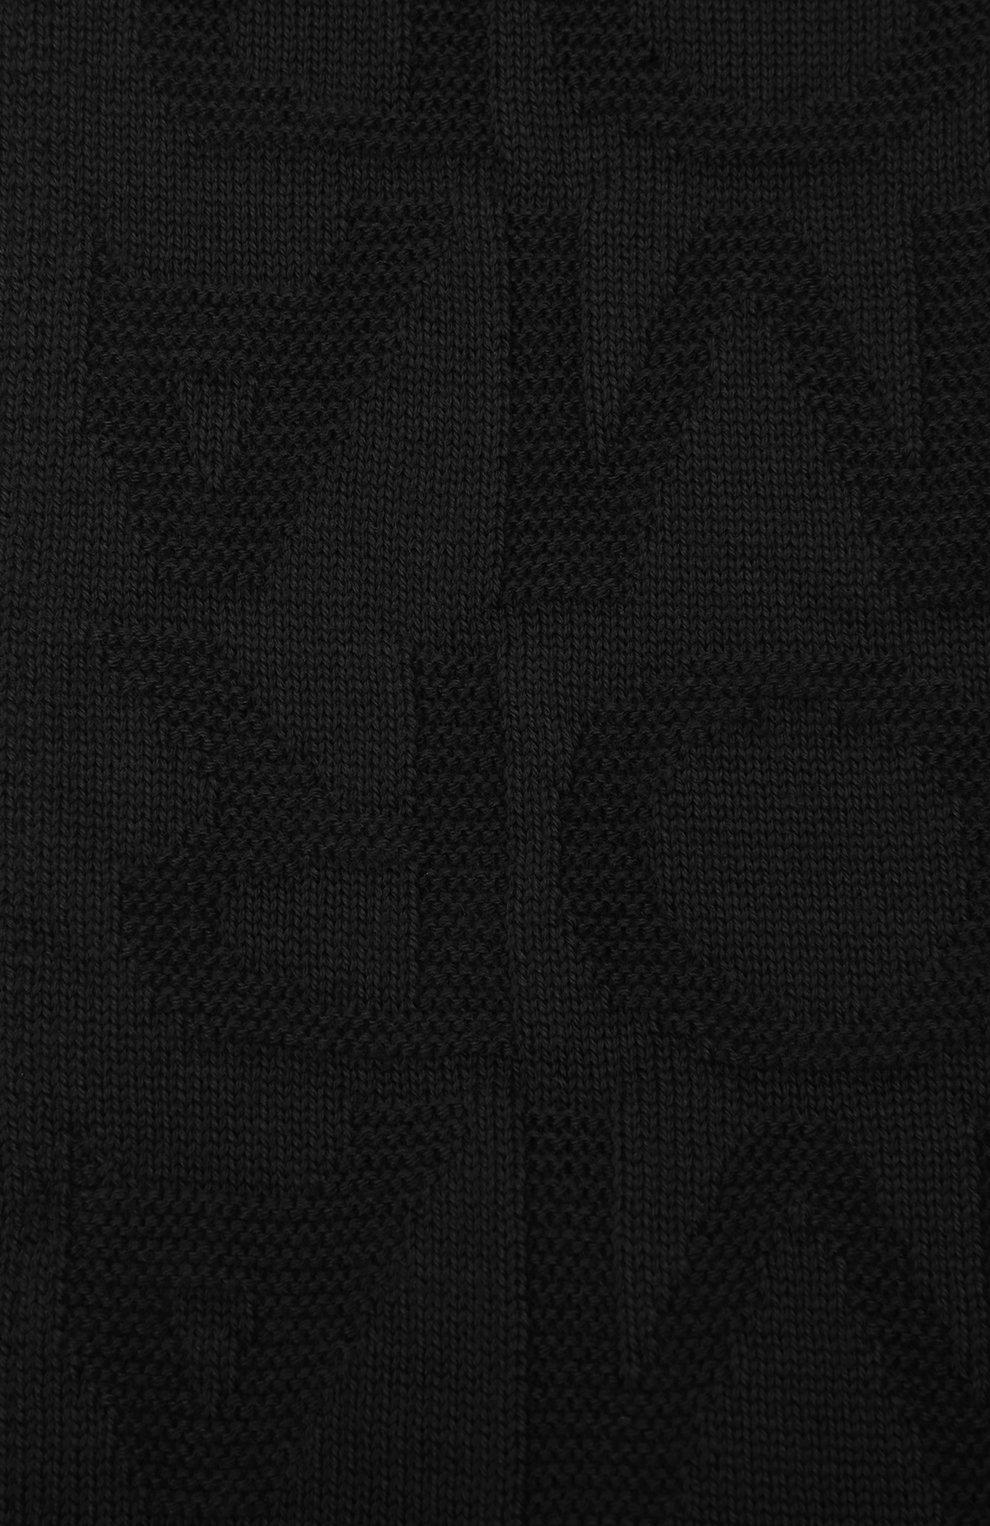 Детский комплект из шапки и шарфа EMPORIO ARMANI черного цвета, арт. 407512/1A762 | Фото 5 (Материал: Текстиль, Шерсть, Синтетический материал)